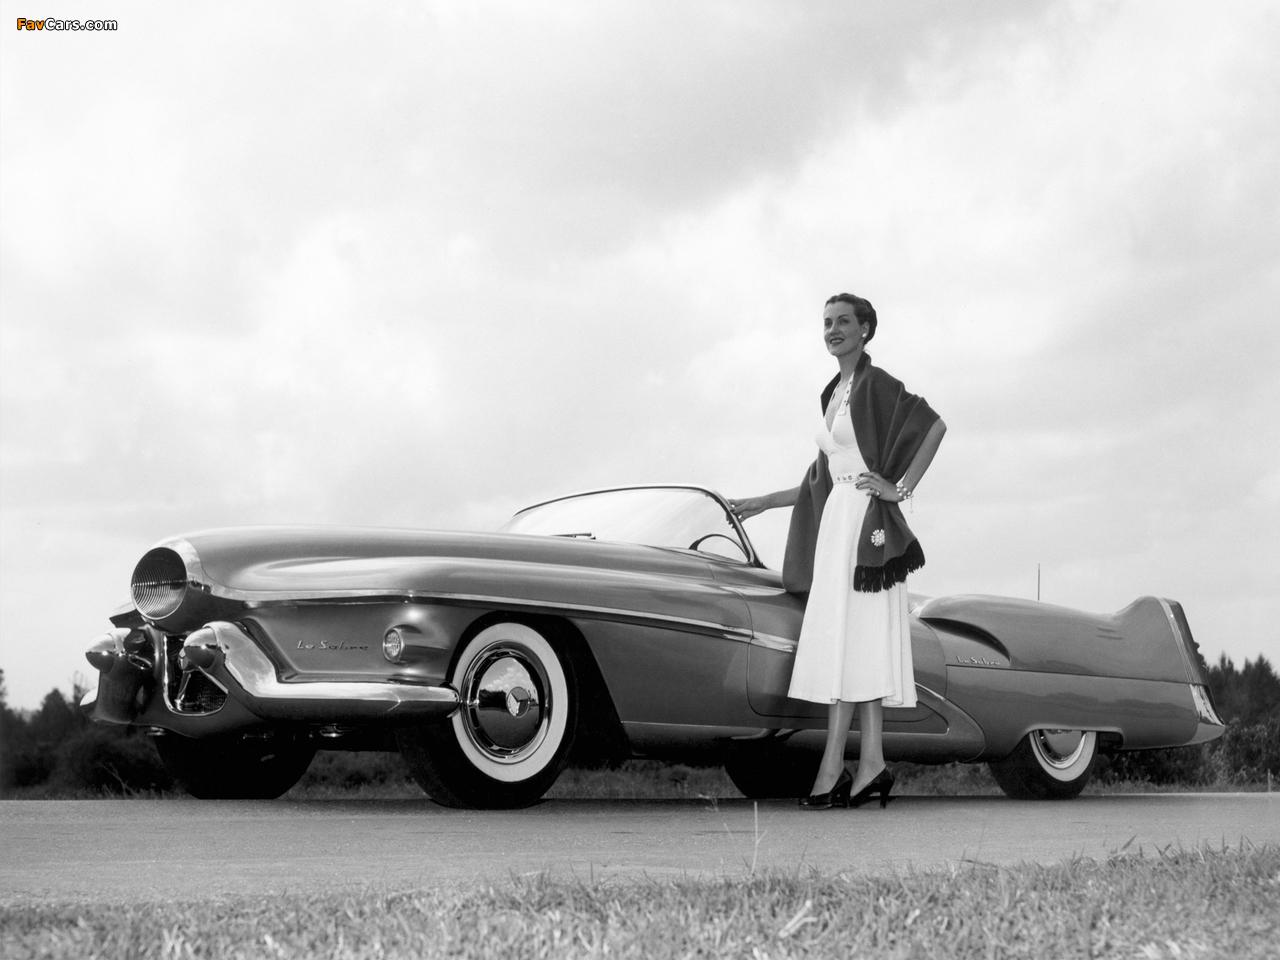 GM LeSabre Concept Car 1951 wallpapers (1280 x 960)